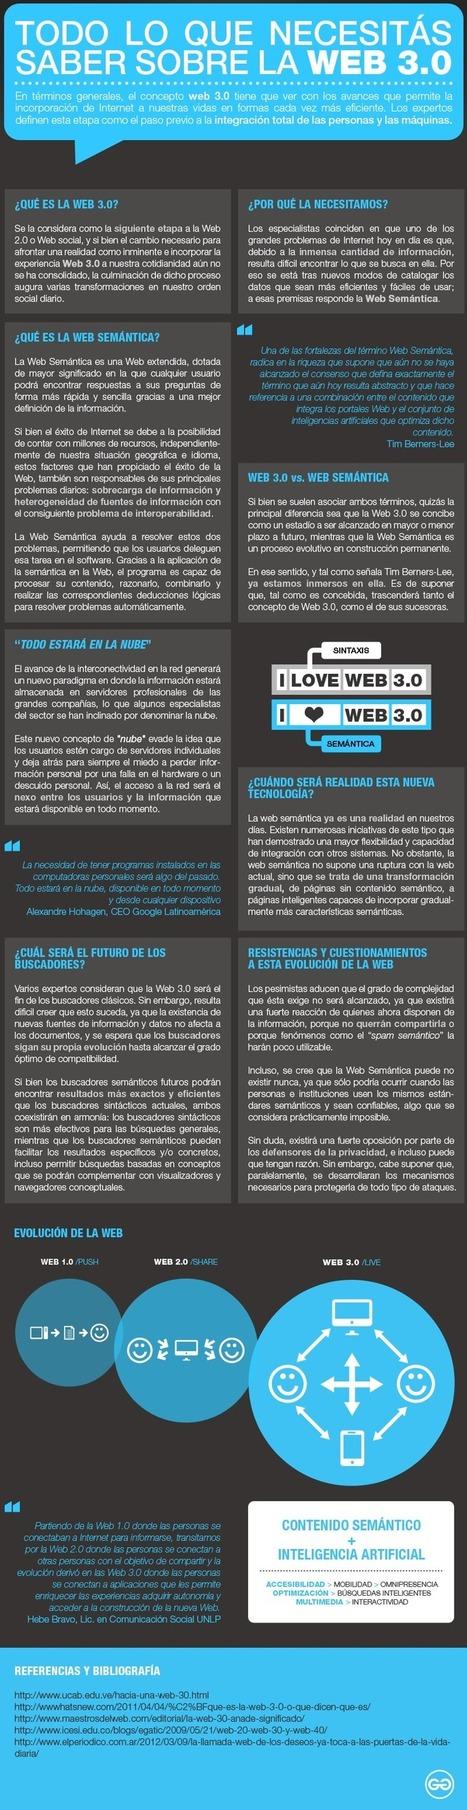 [Infografía] Todo lo que necesitas saber sobre la Web 3.0 (ES) | Educacion Tecnologia | Scoop.it